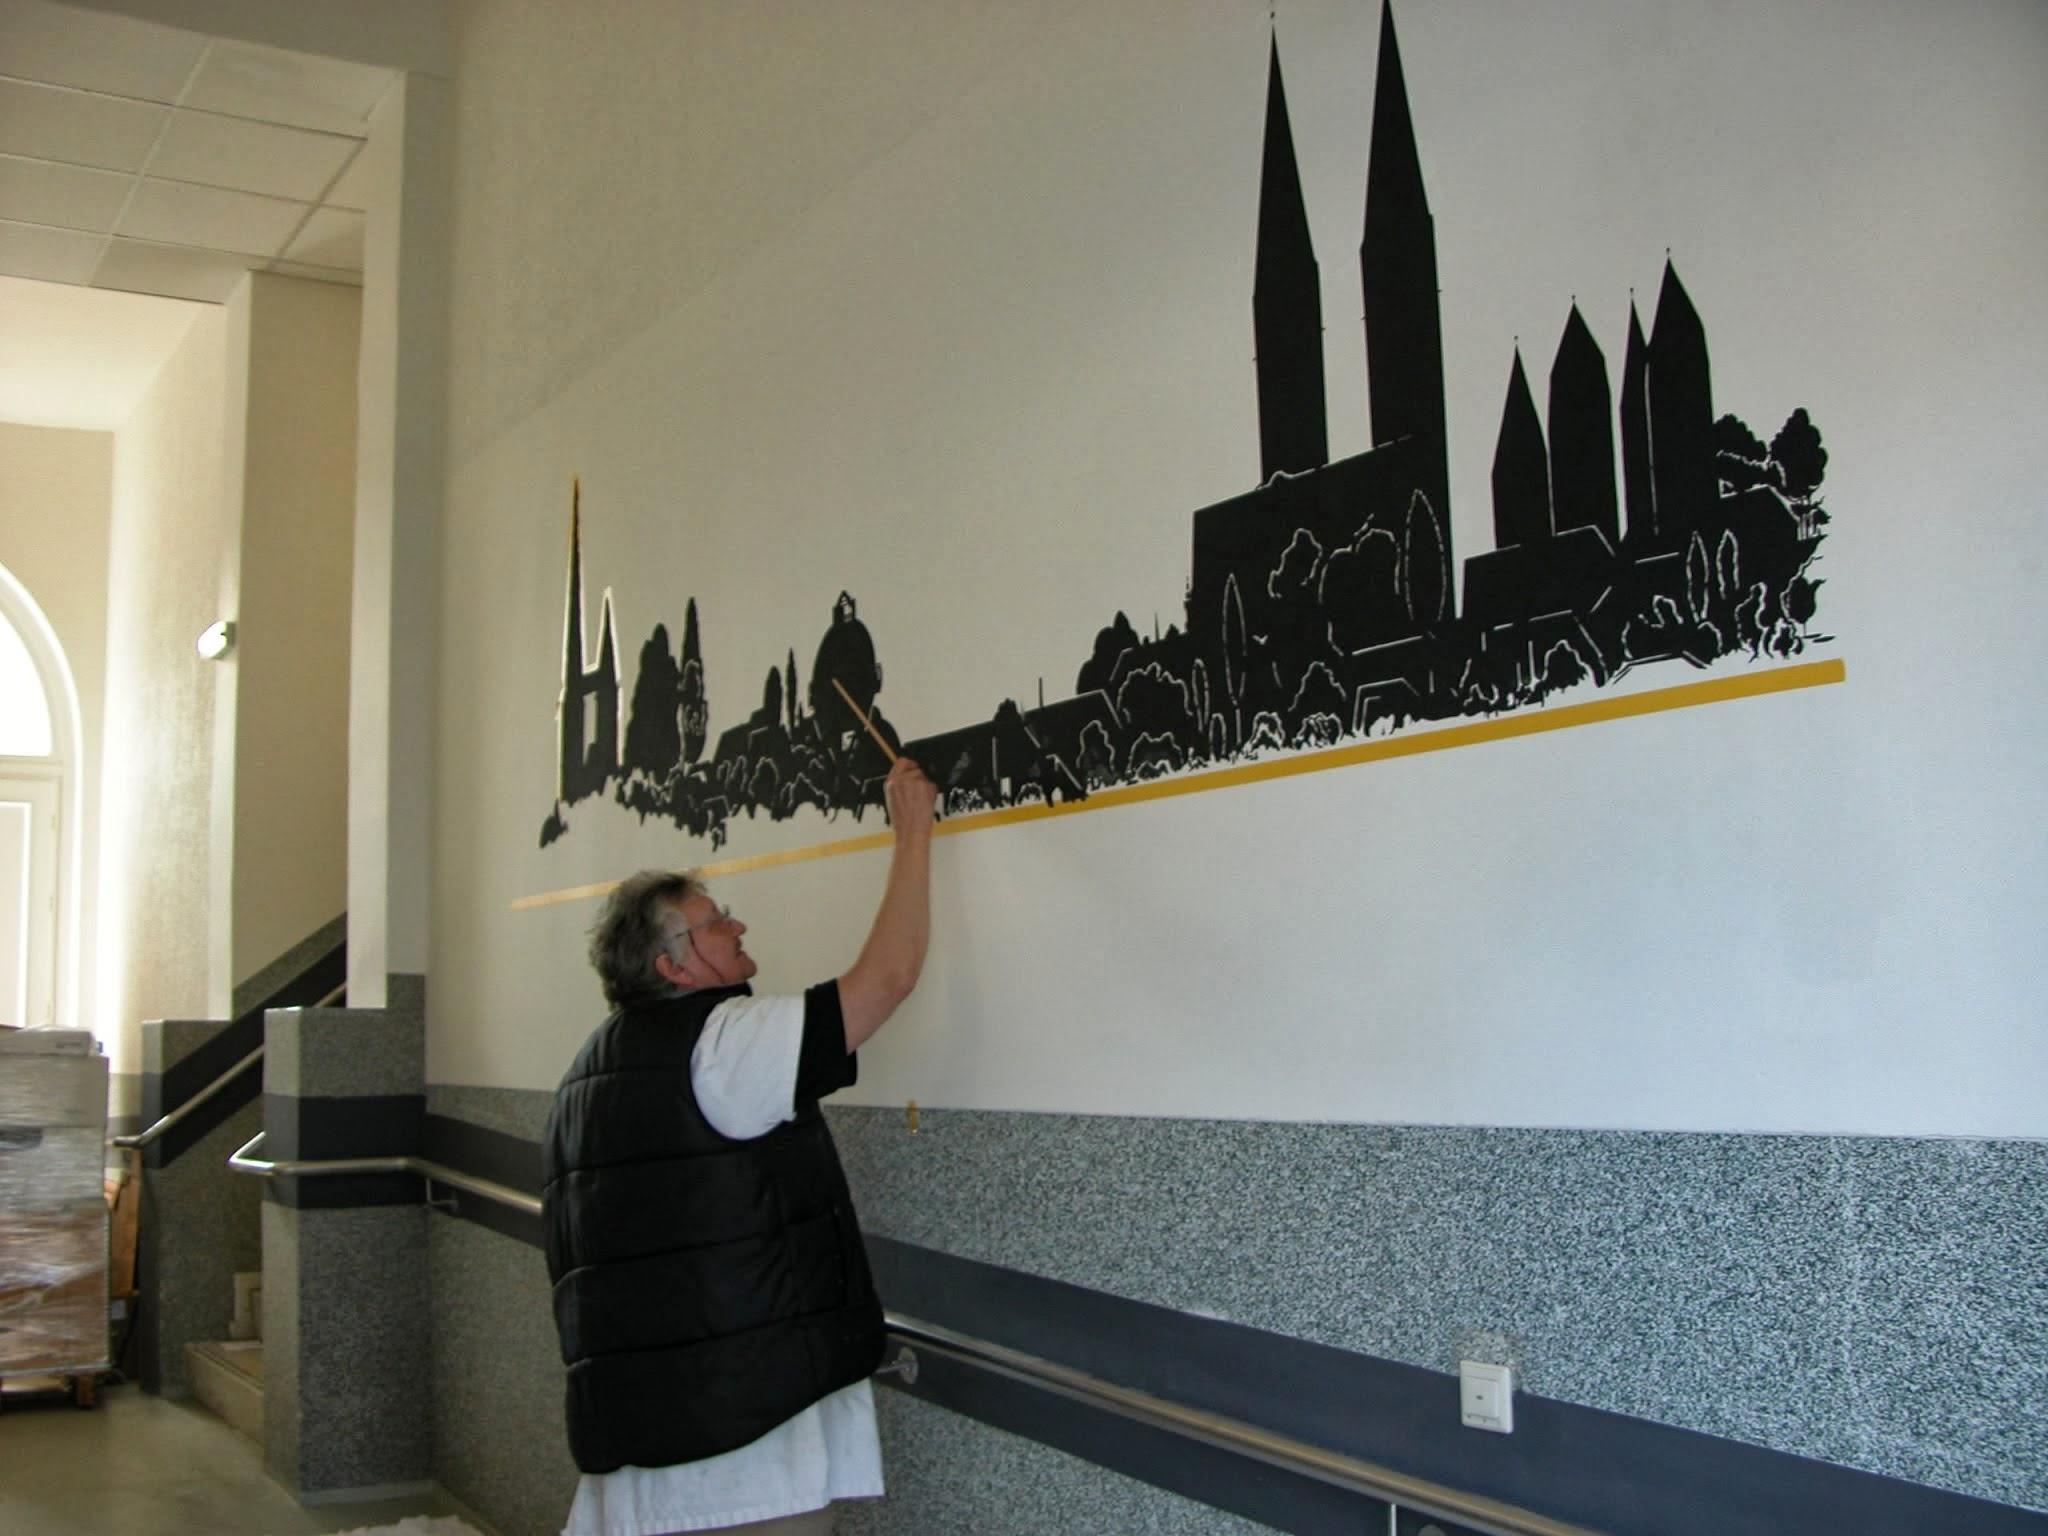 500-Wandmalerei-Flurbereich-WAP-Diakonie-Werkstaetten-Halberstadt-2010